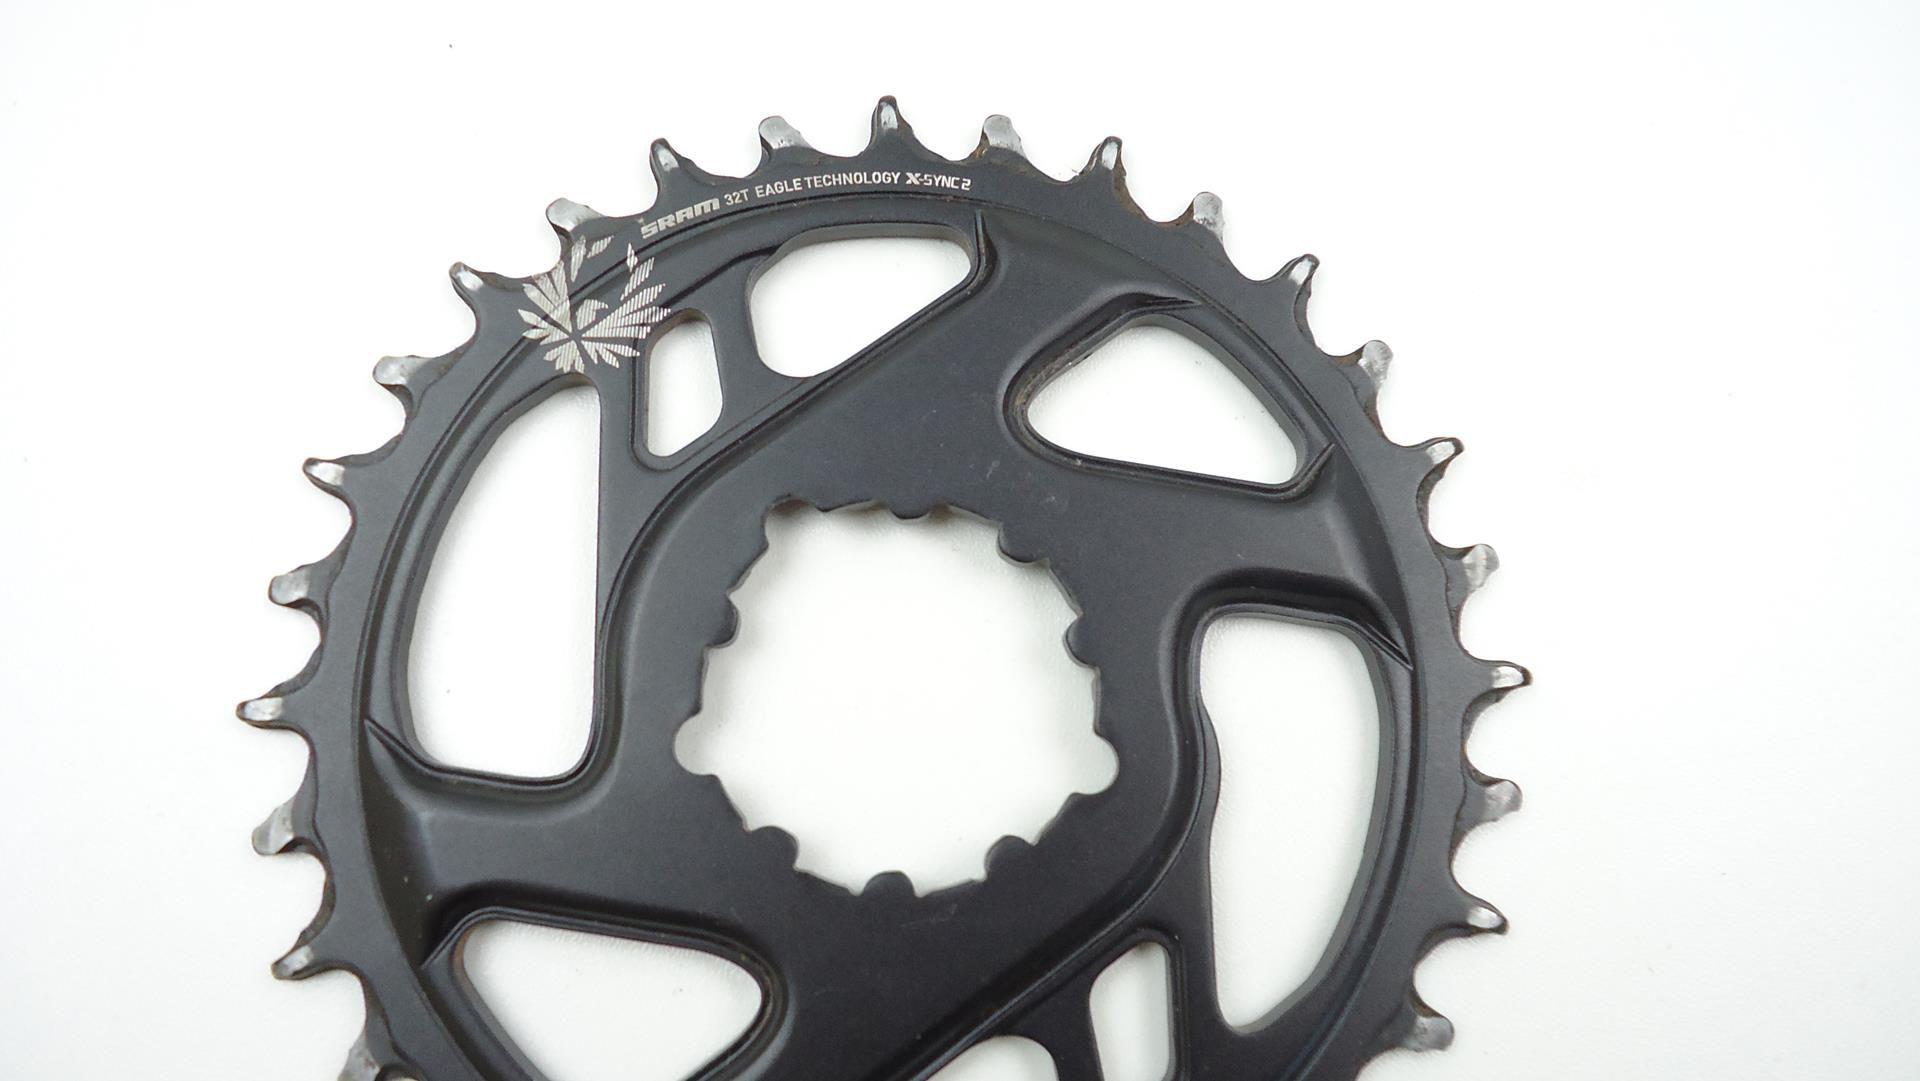 Par de Coroas Bicicleta Sram GX Eagle 34 e 32 dentes Offset 3mm Boost Para Uso 1x12 XX1 X01 - USADO